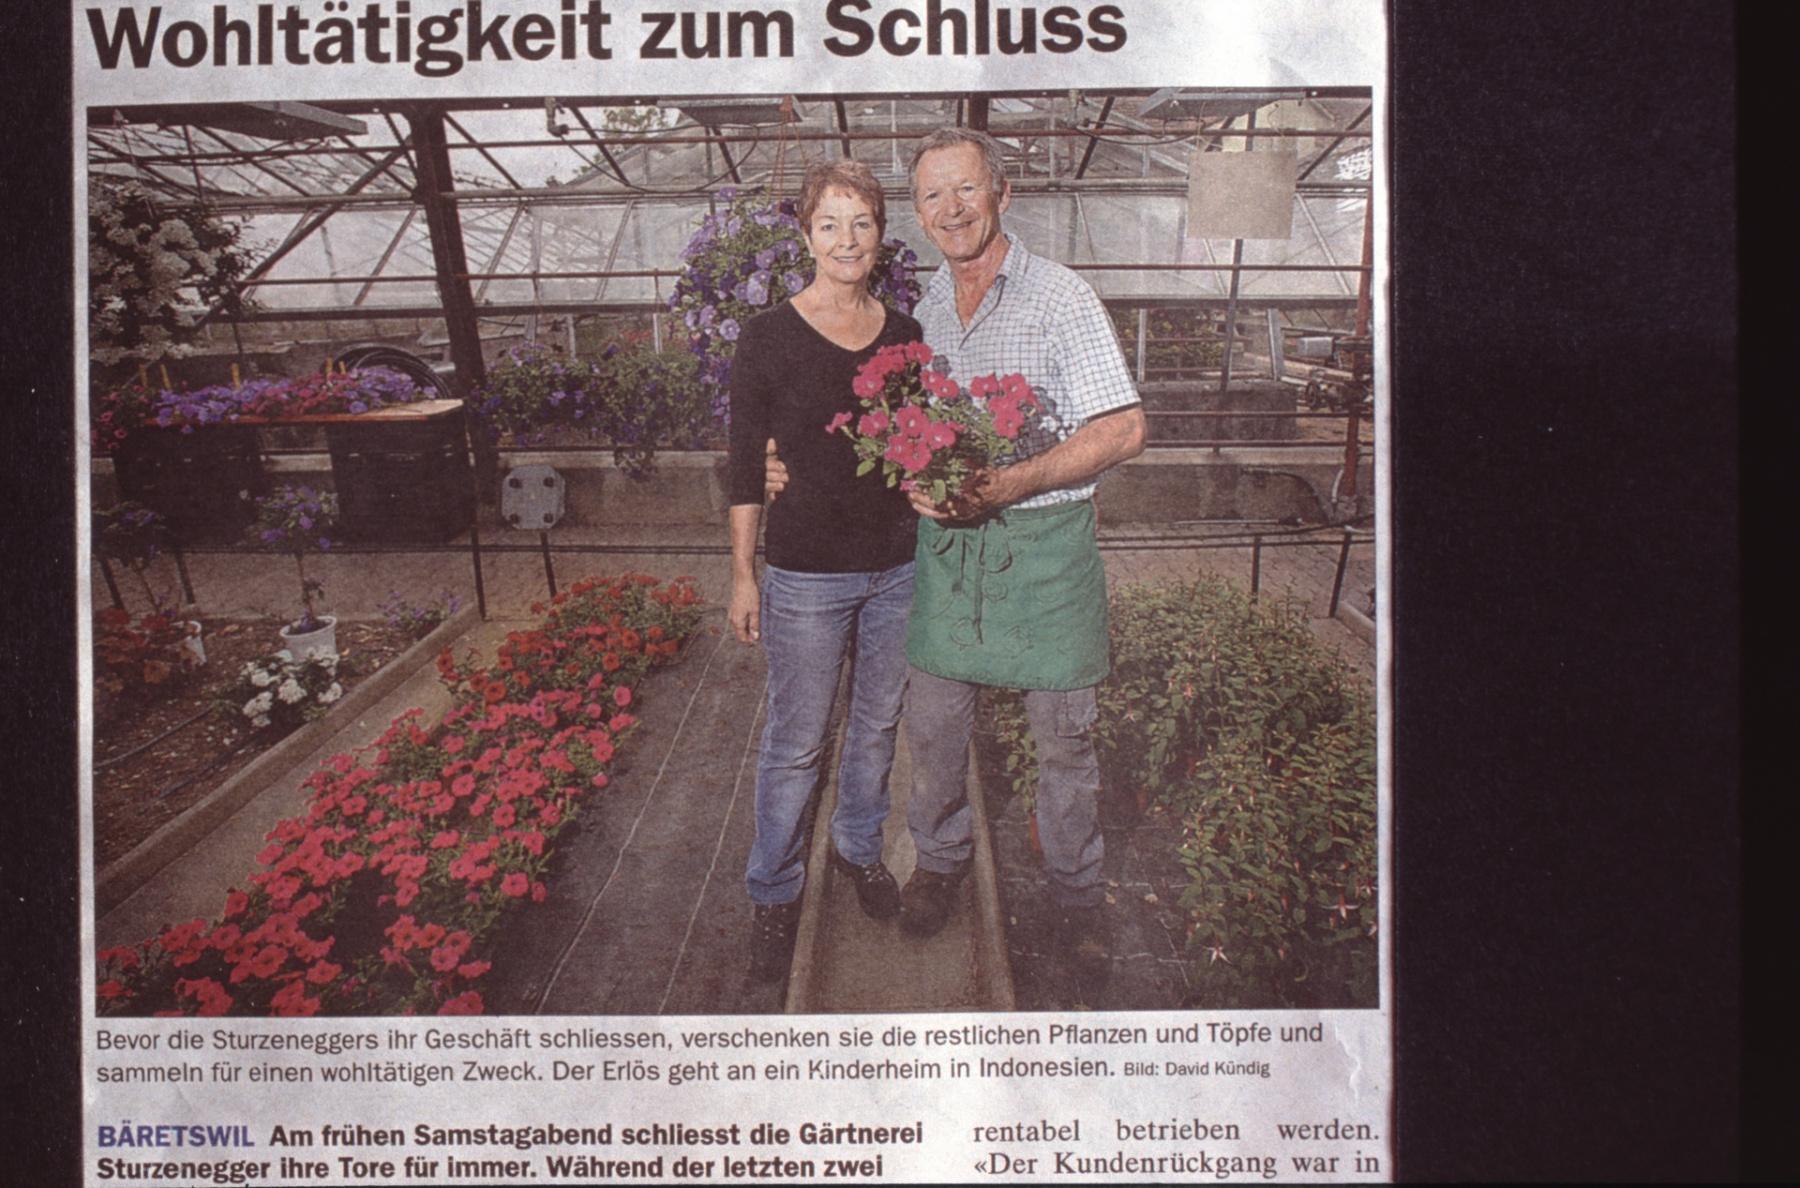 Gärtnerei Sturzenegger Wohltätigkeit zum Schluss